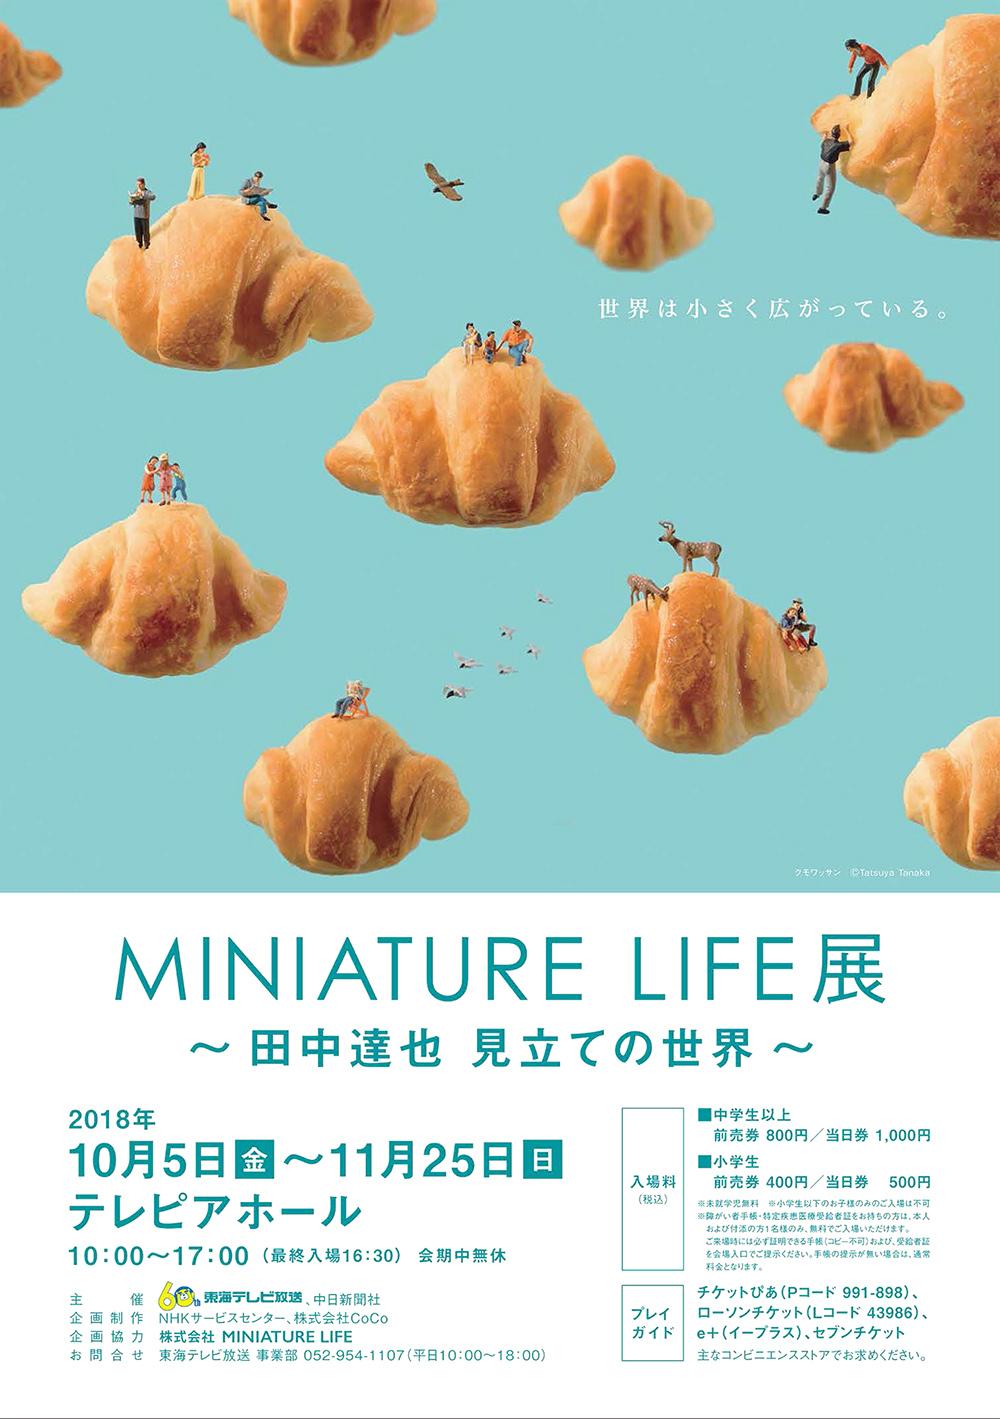 miniature_life-1.jpg